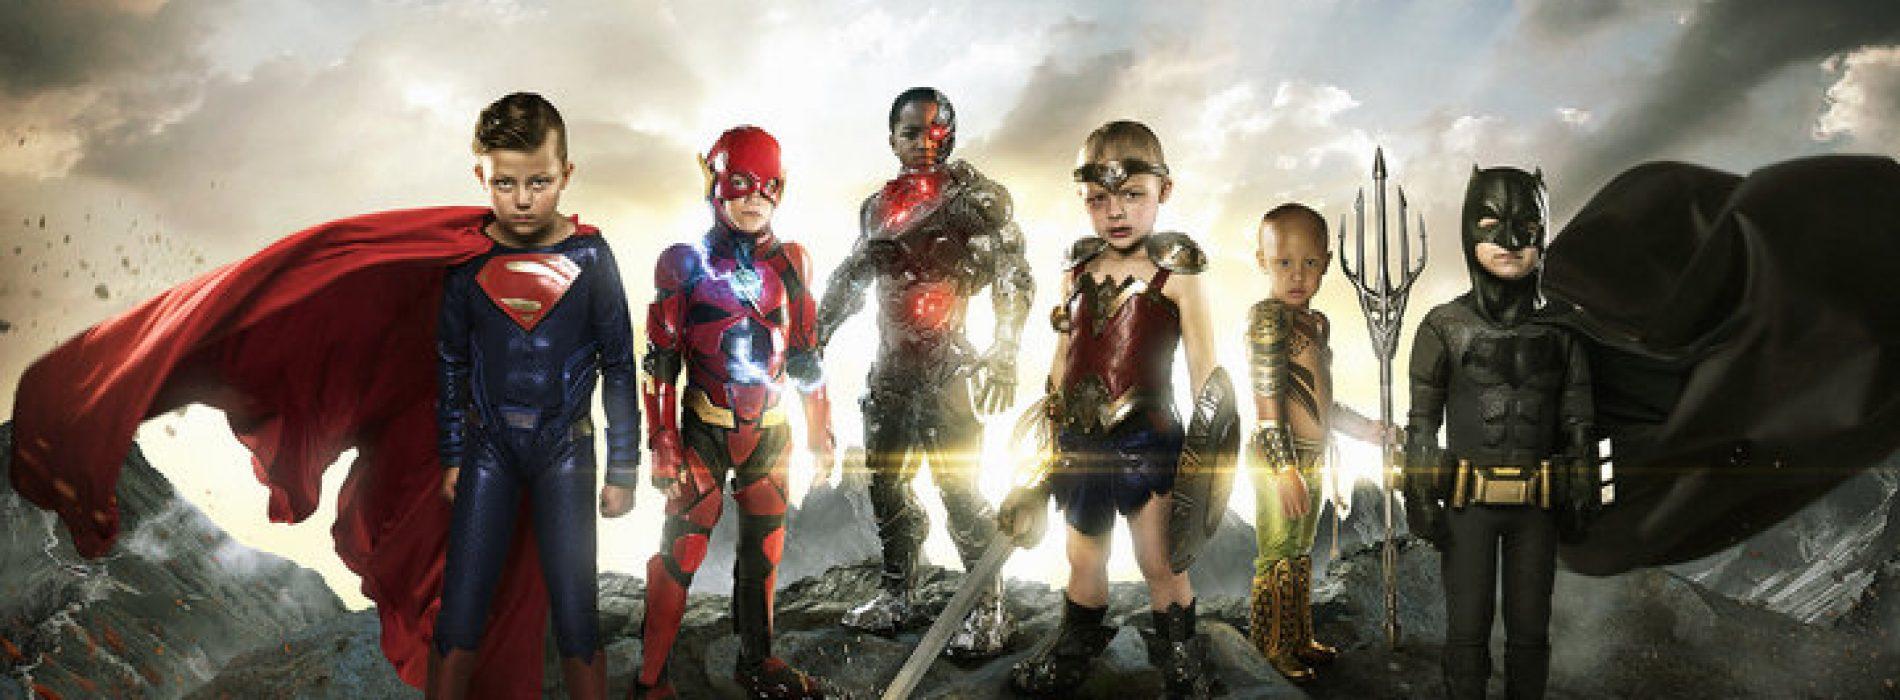 攝影師把患重病的孩子們打造成真正的超級英雄